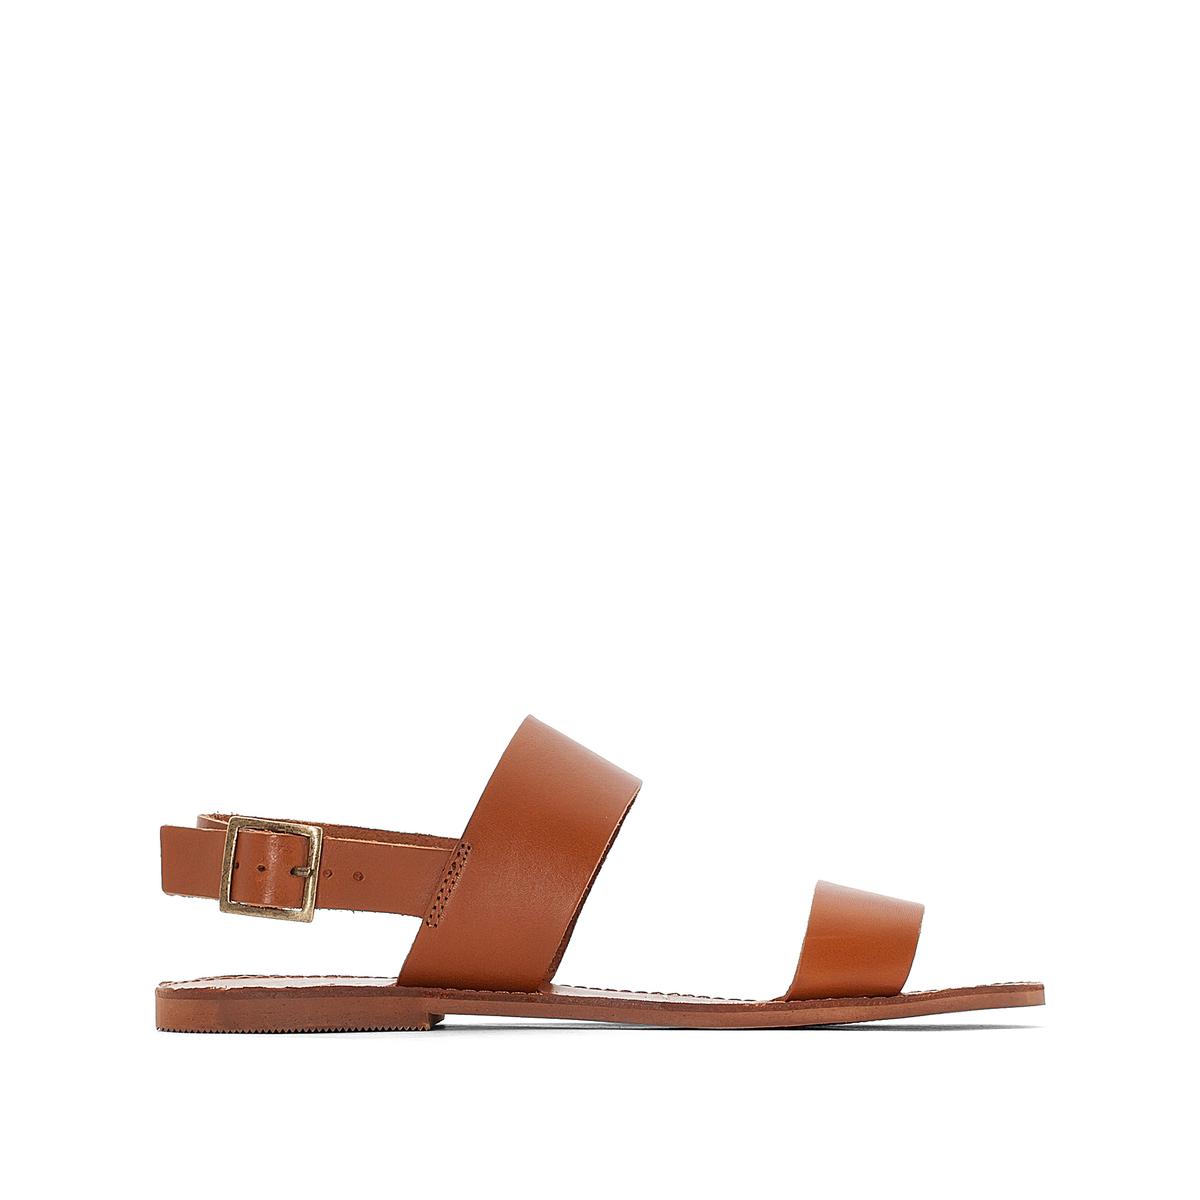 Босоножки кожаные AoudaВерх : кожа   Подкладка : кожа   Стелька : кожа   Подошва : эластомер   Форма каблука : плоский каблук   Мысок : закругленный мысок   Застежка : пряжка<br><br>Цвет: коньячный,черный<br>Размер: 36.36.37